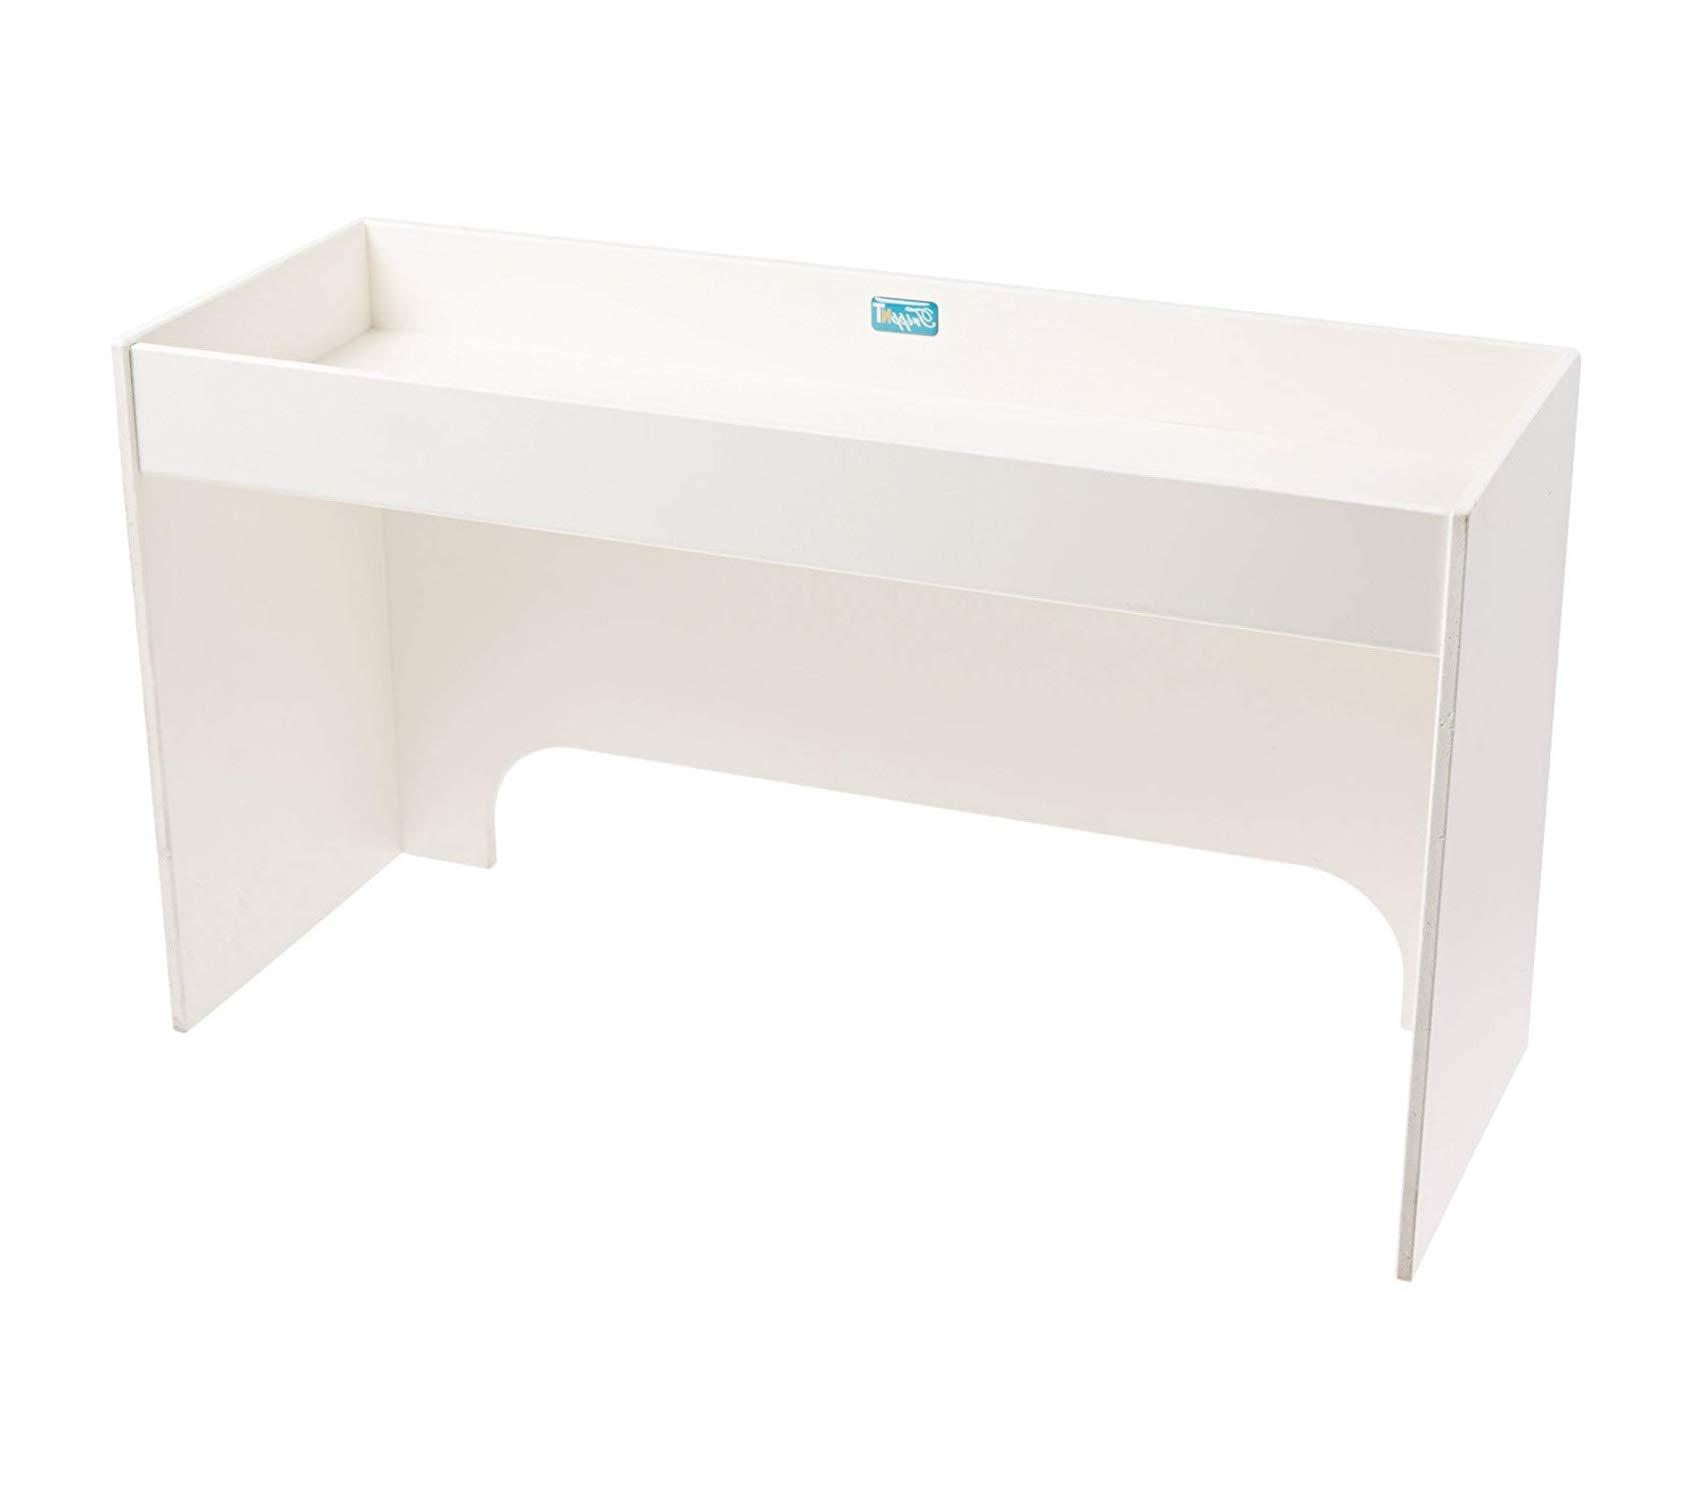 Wood & Style Premium White PVC 24 Step Shelf 24 Width x 10 Height x 9 Depth Storage